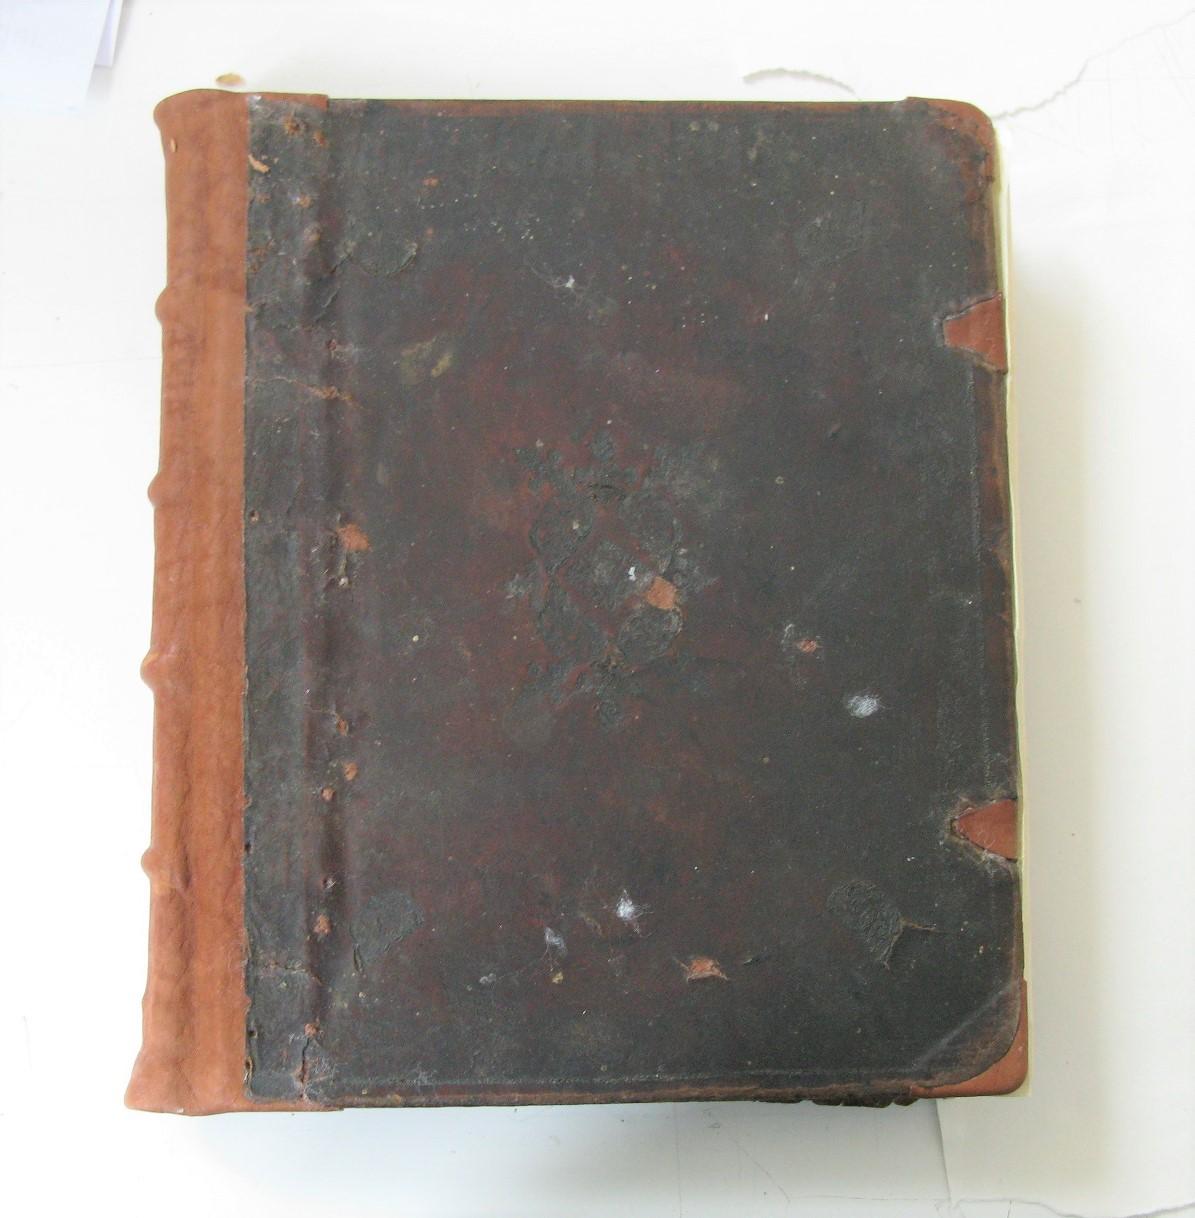 Miscelaneul teologic copiat de diacul Teodor Ursu din noul săsesc (Neudorf) în anul 1780